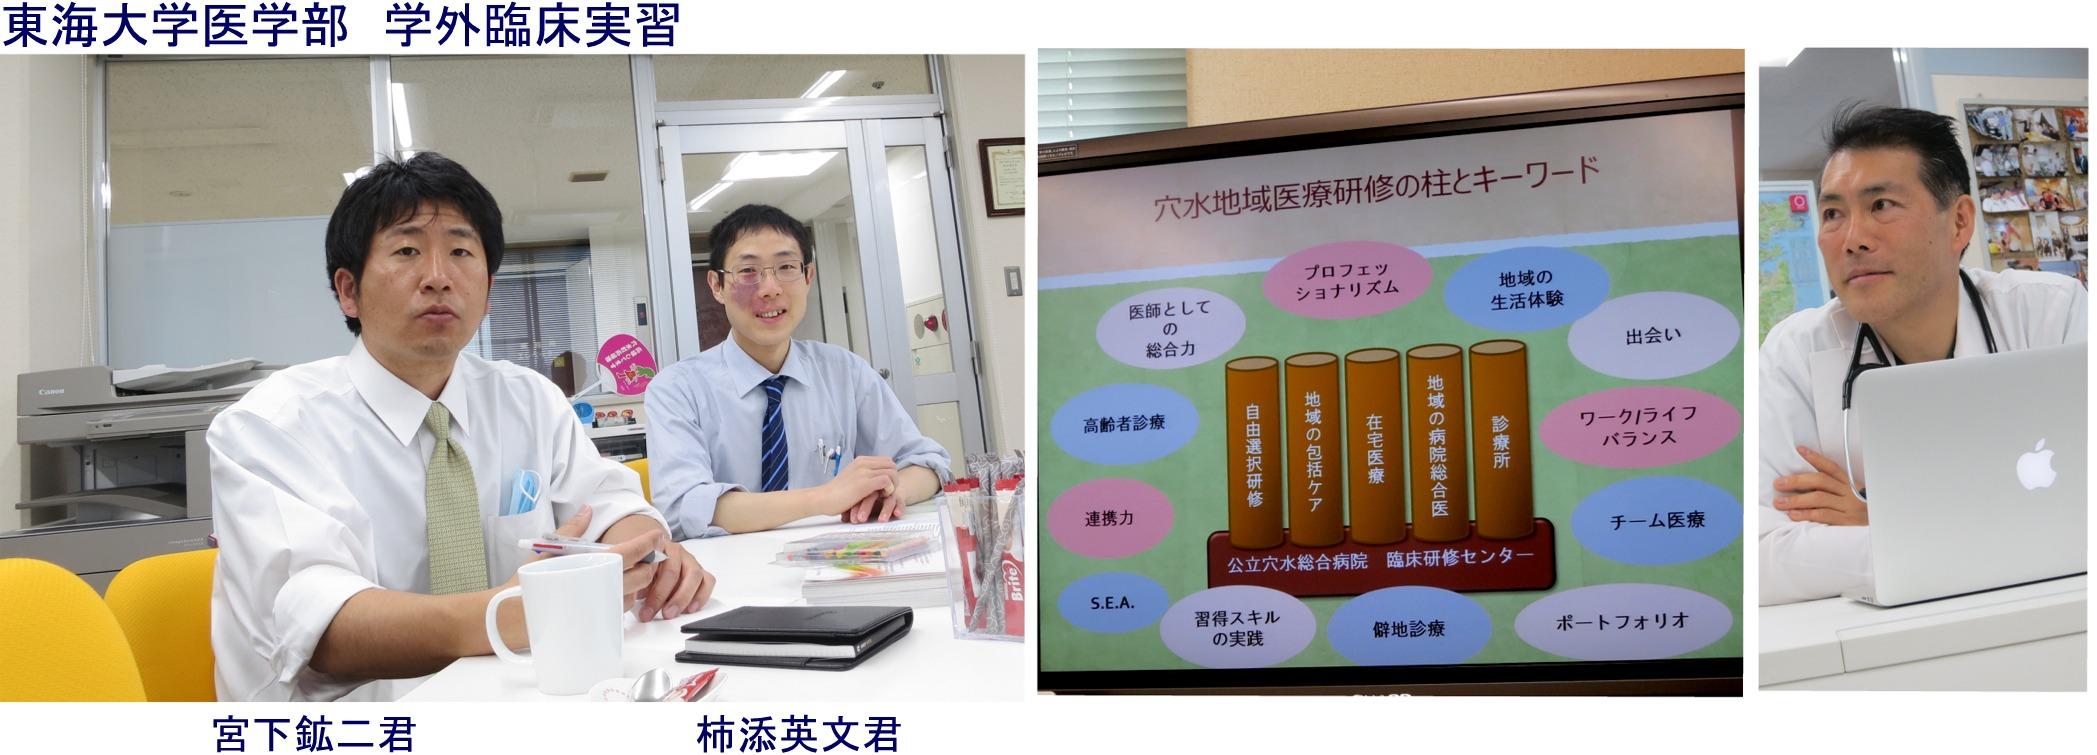 20150323東海大オリエン.jpg